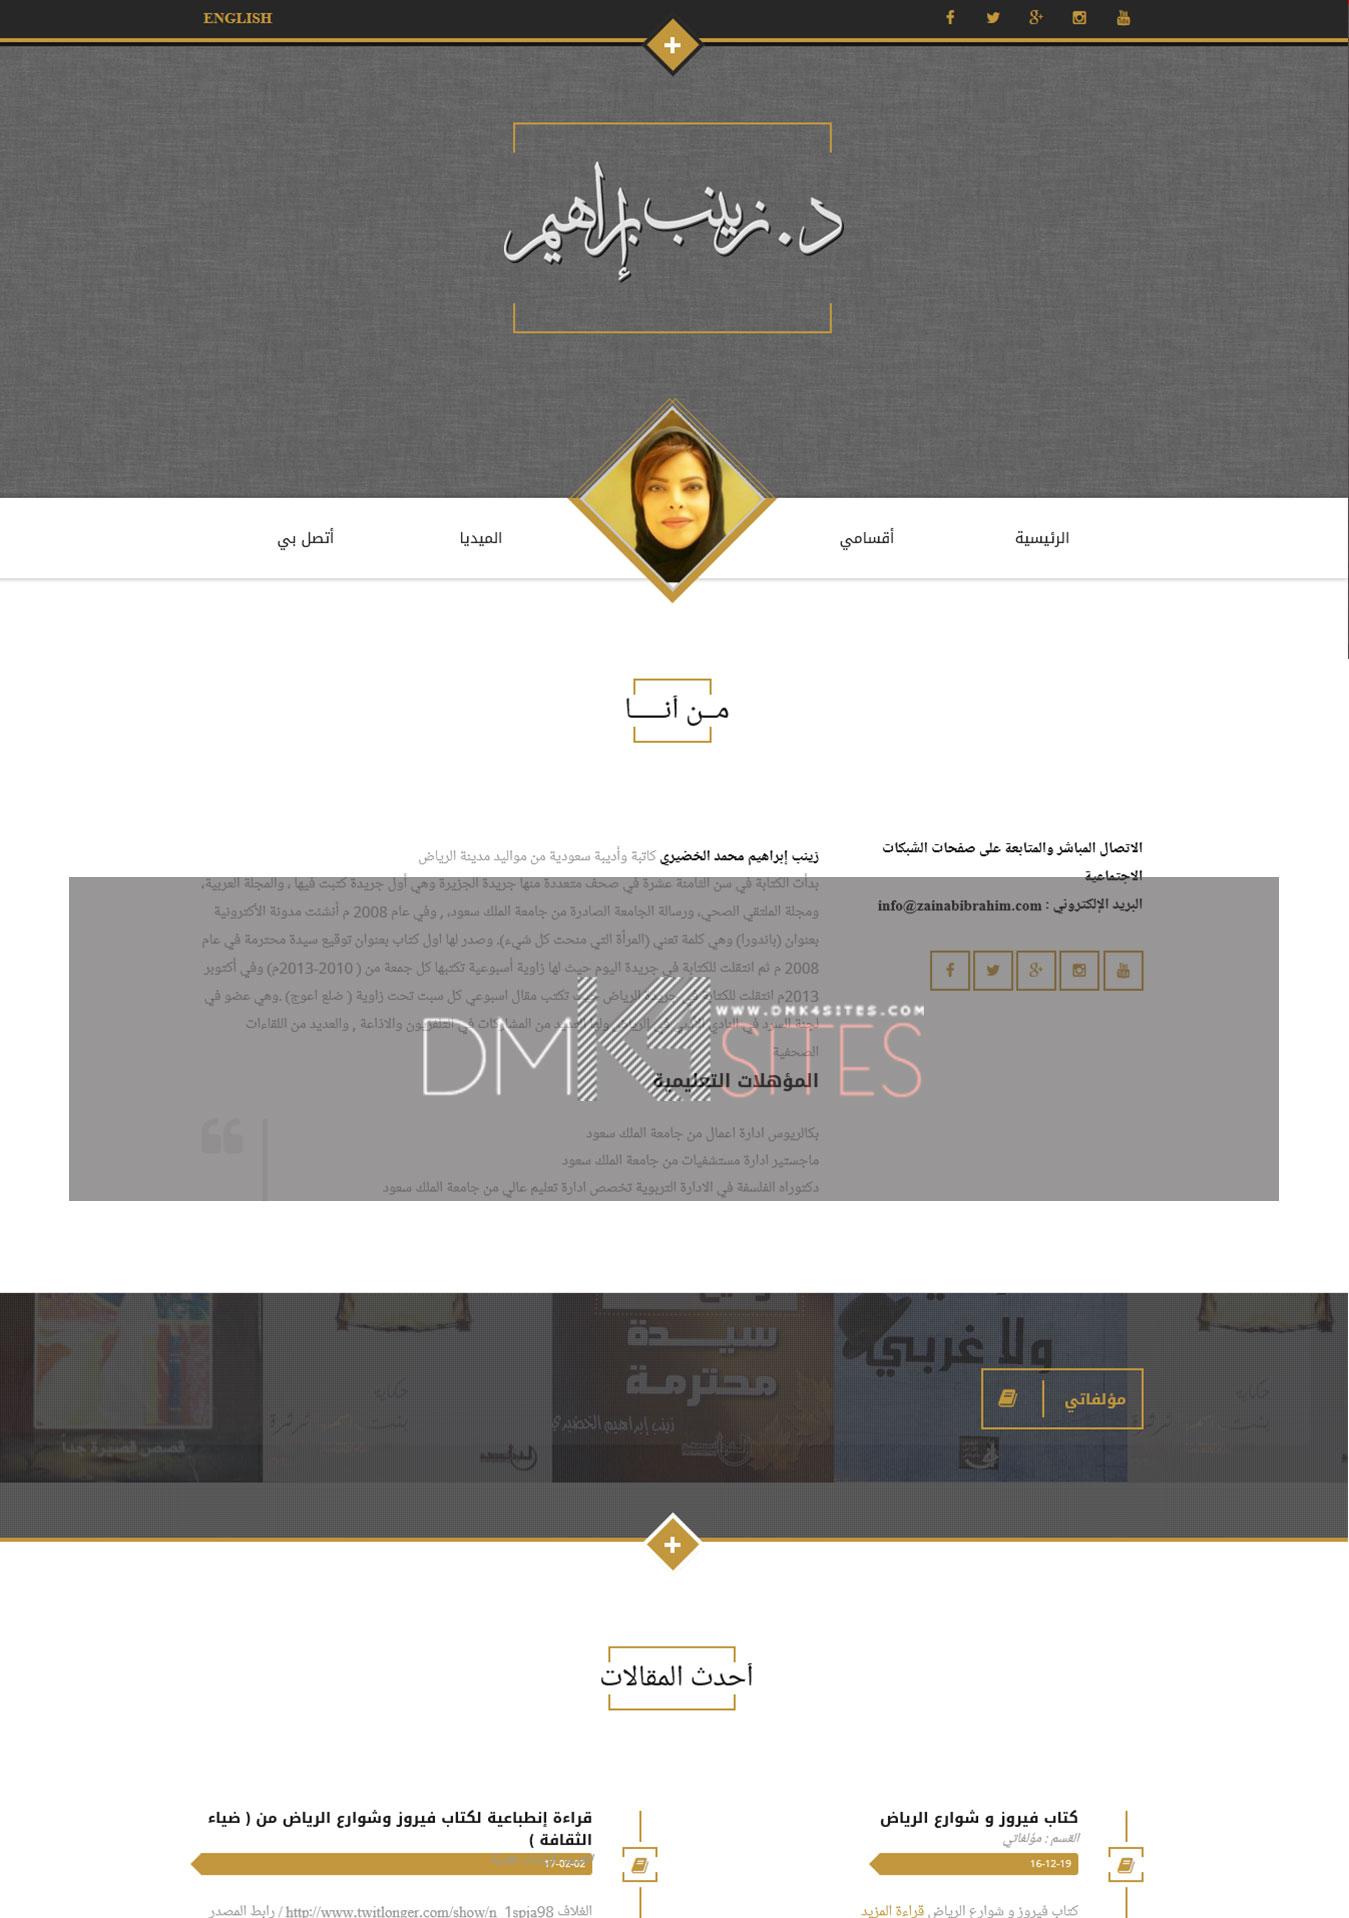 موقع الكاتبة السعودية زينب إبراهيم